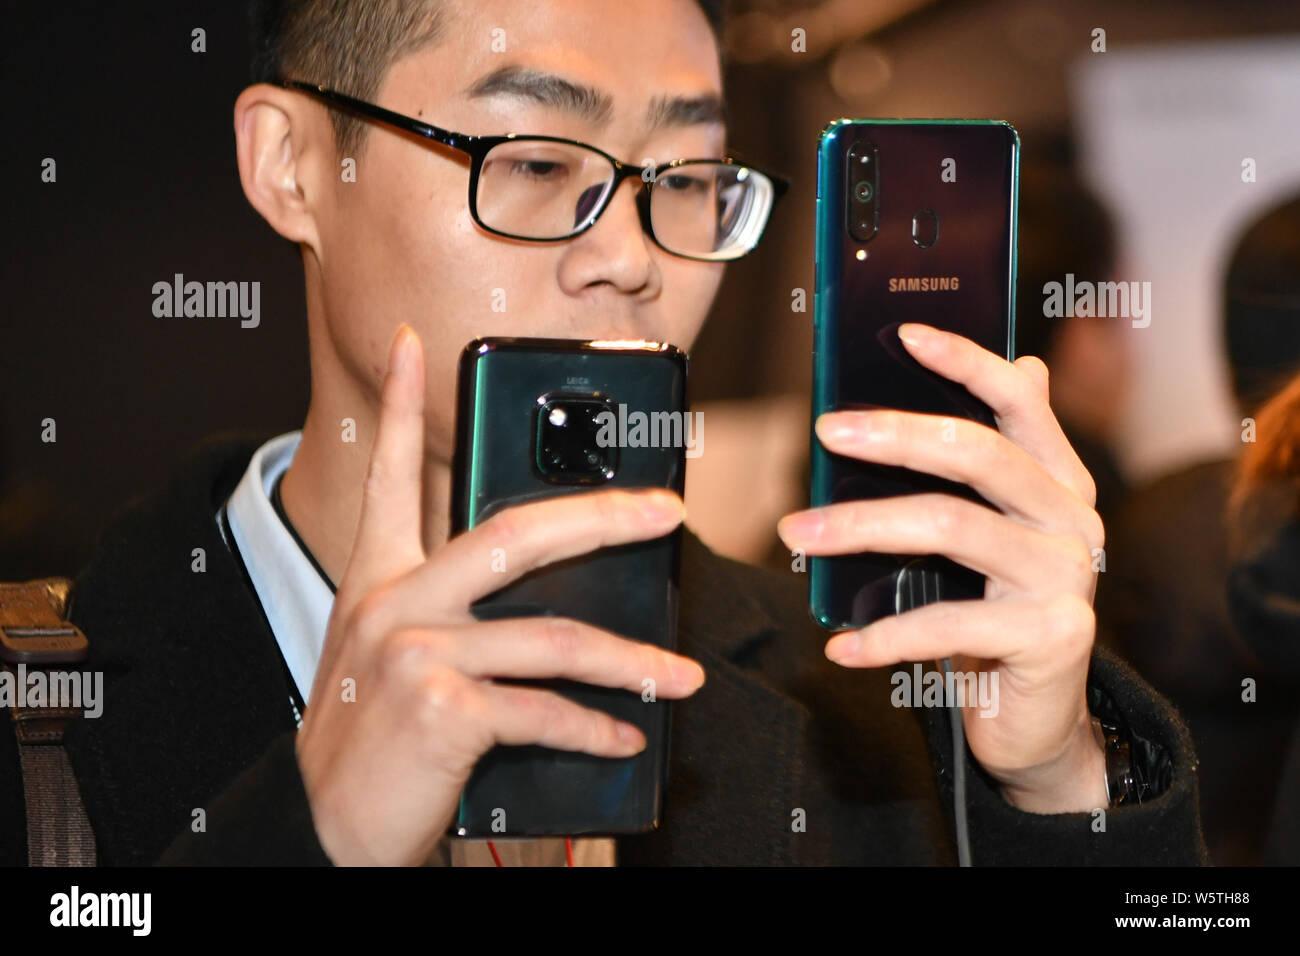 Un cliente intenta un Samsung Galaxy A8s smartphone durante el evento de lanzamiento en Beijing, China, 10 de diciembre de 2018. Samsung anuncia su primer Infini Foto de stock